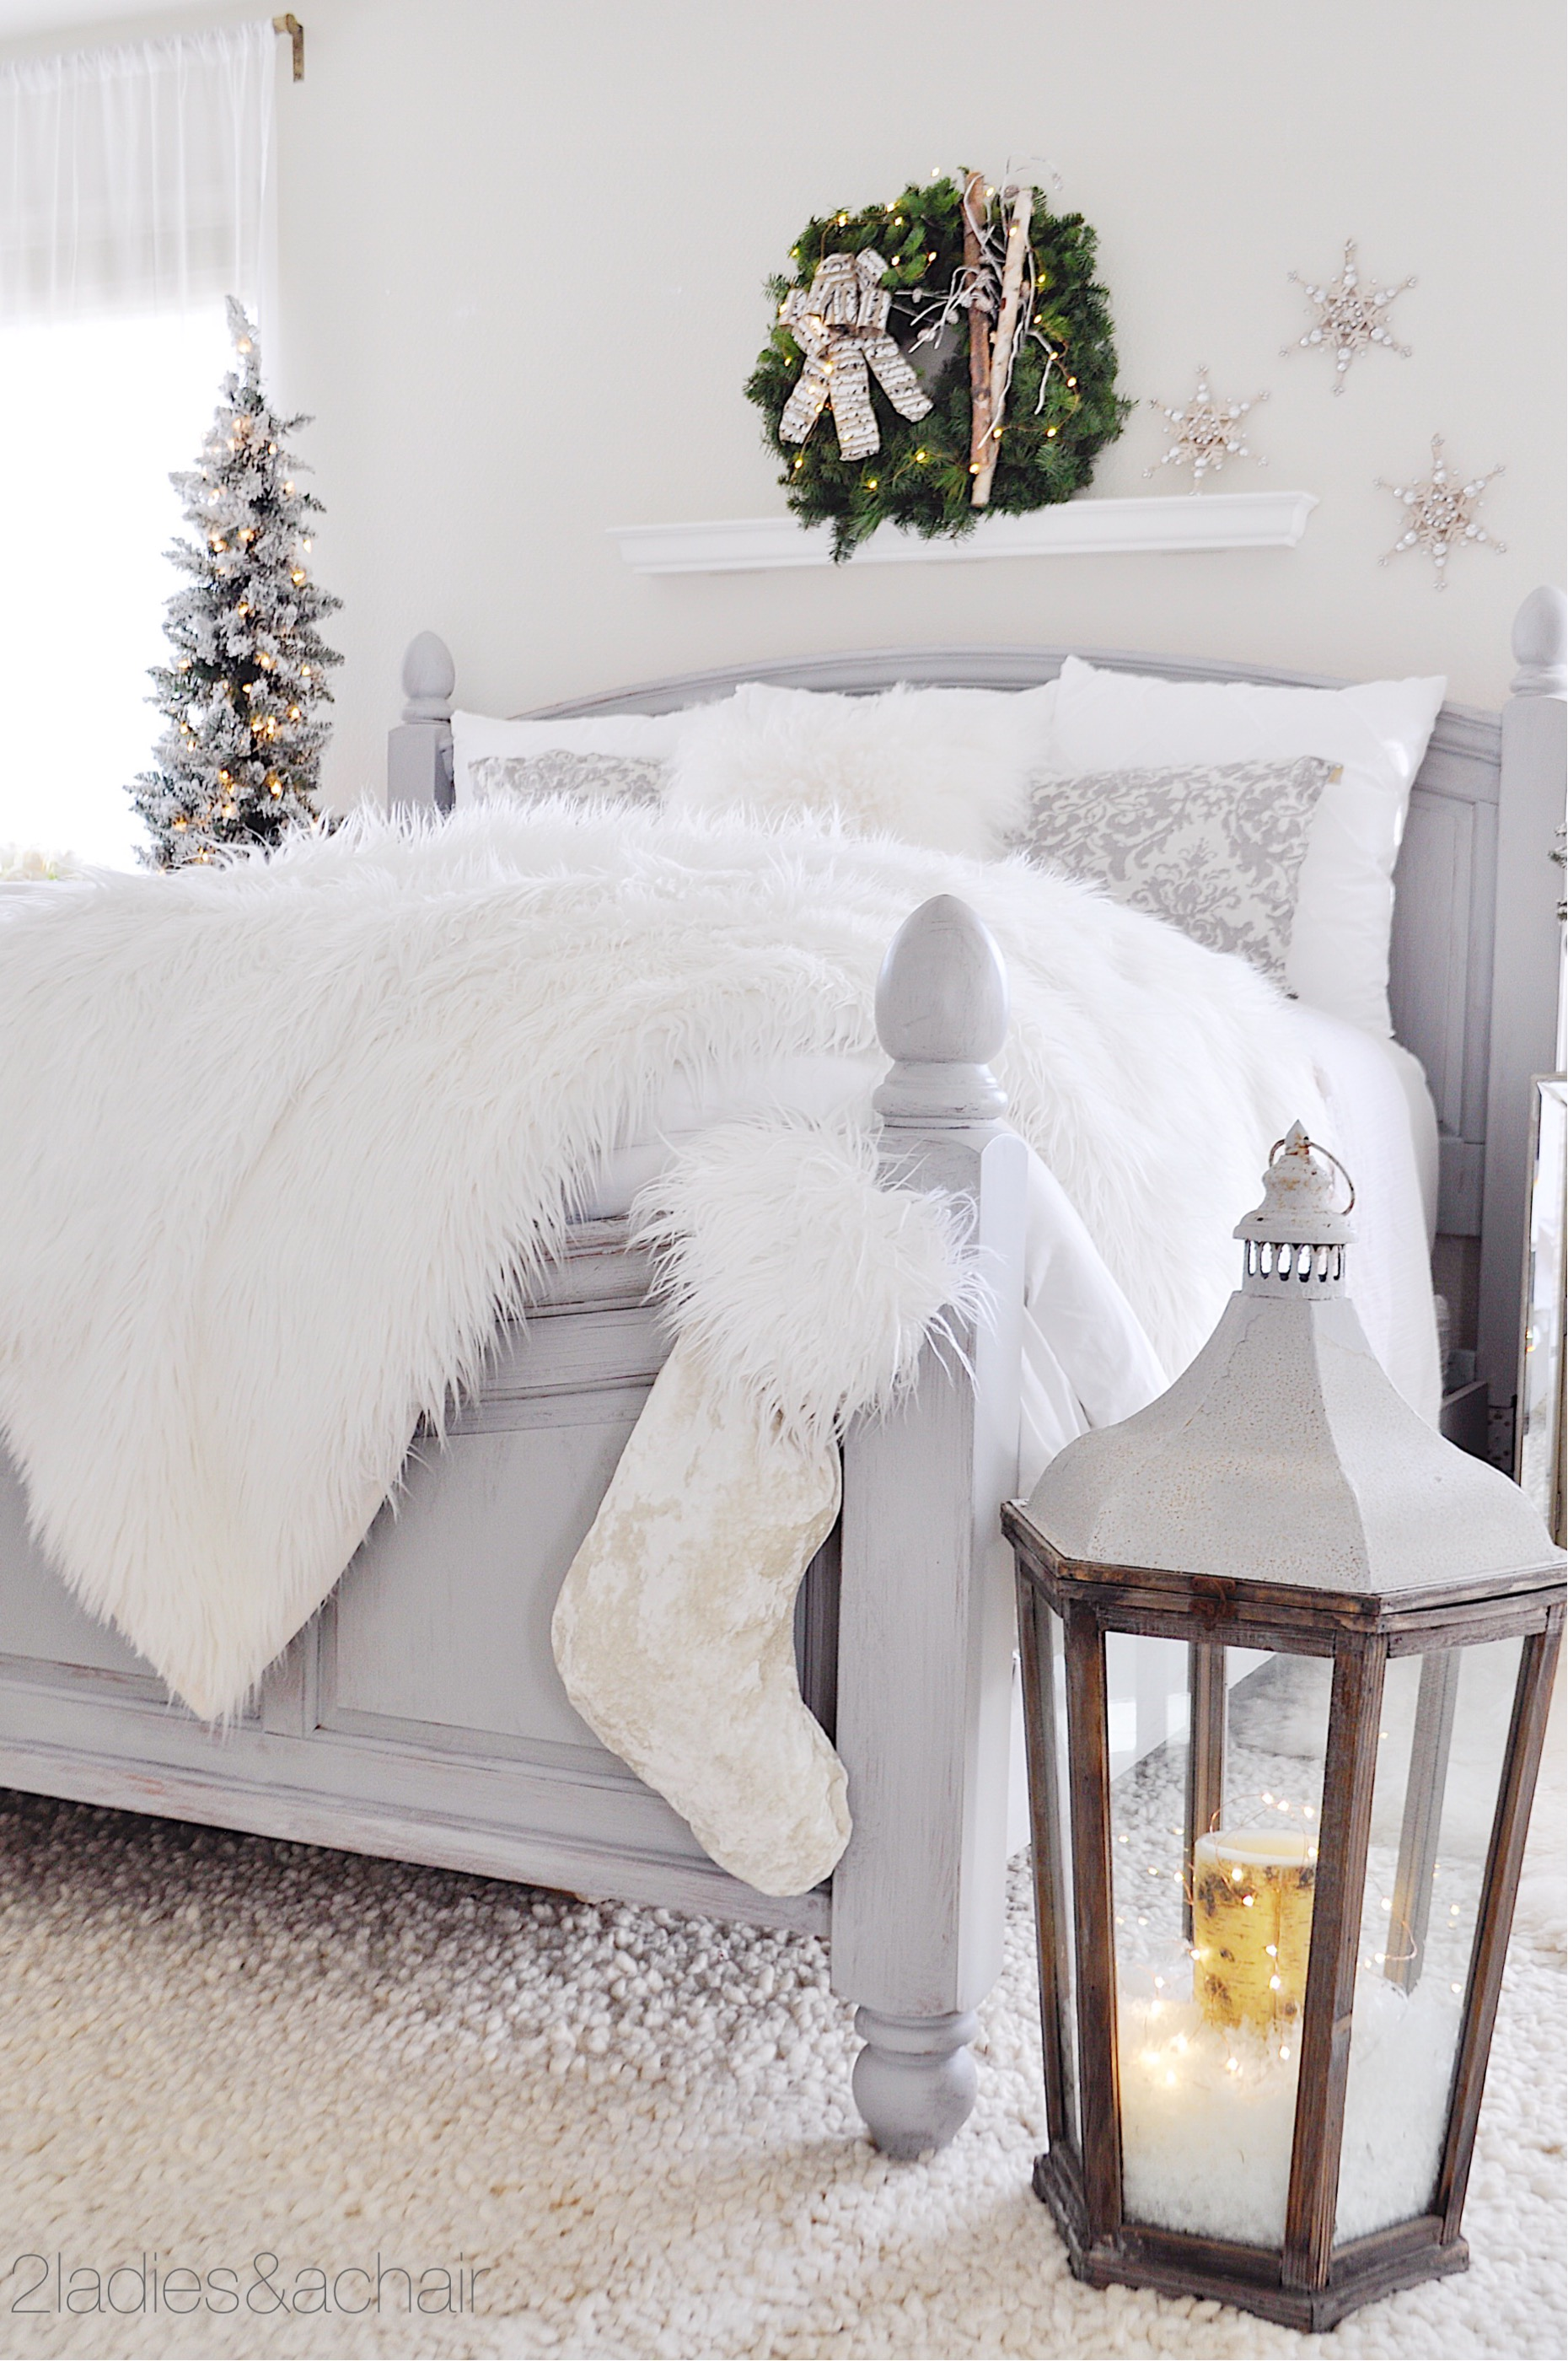 christmas bedroom decor IMG_9881.JPG